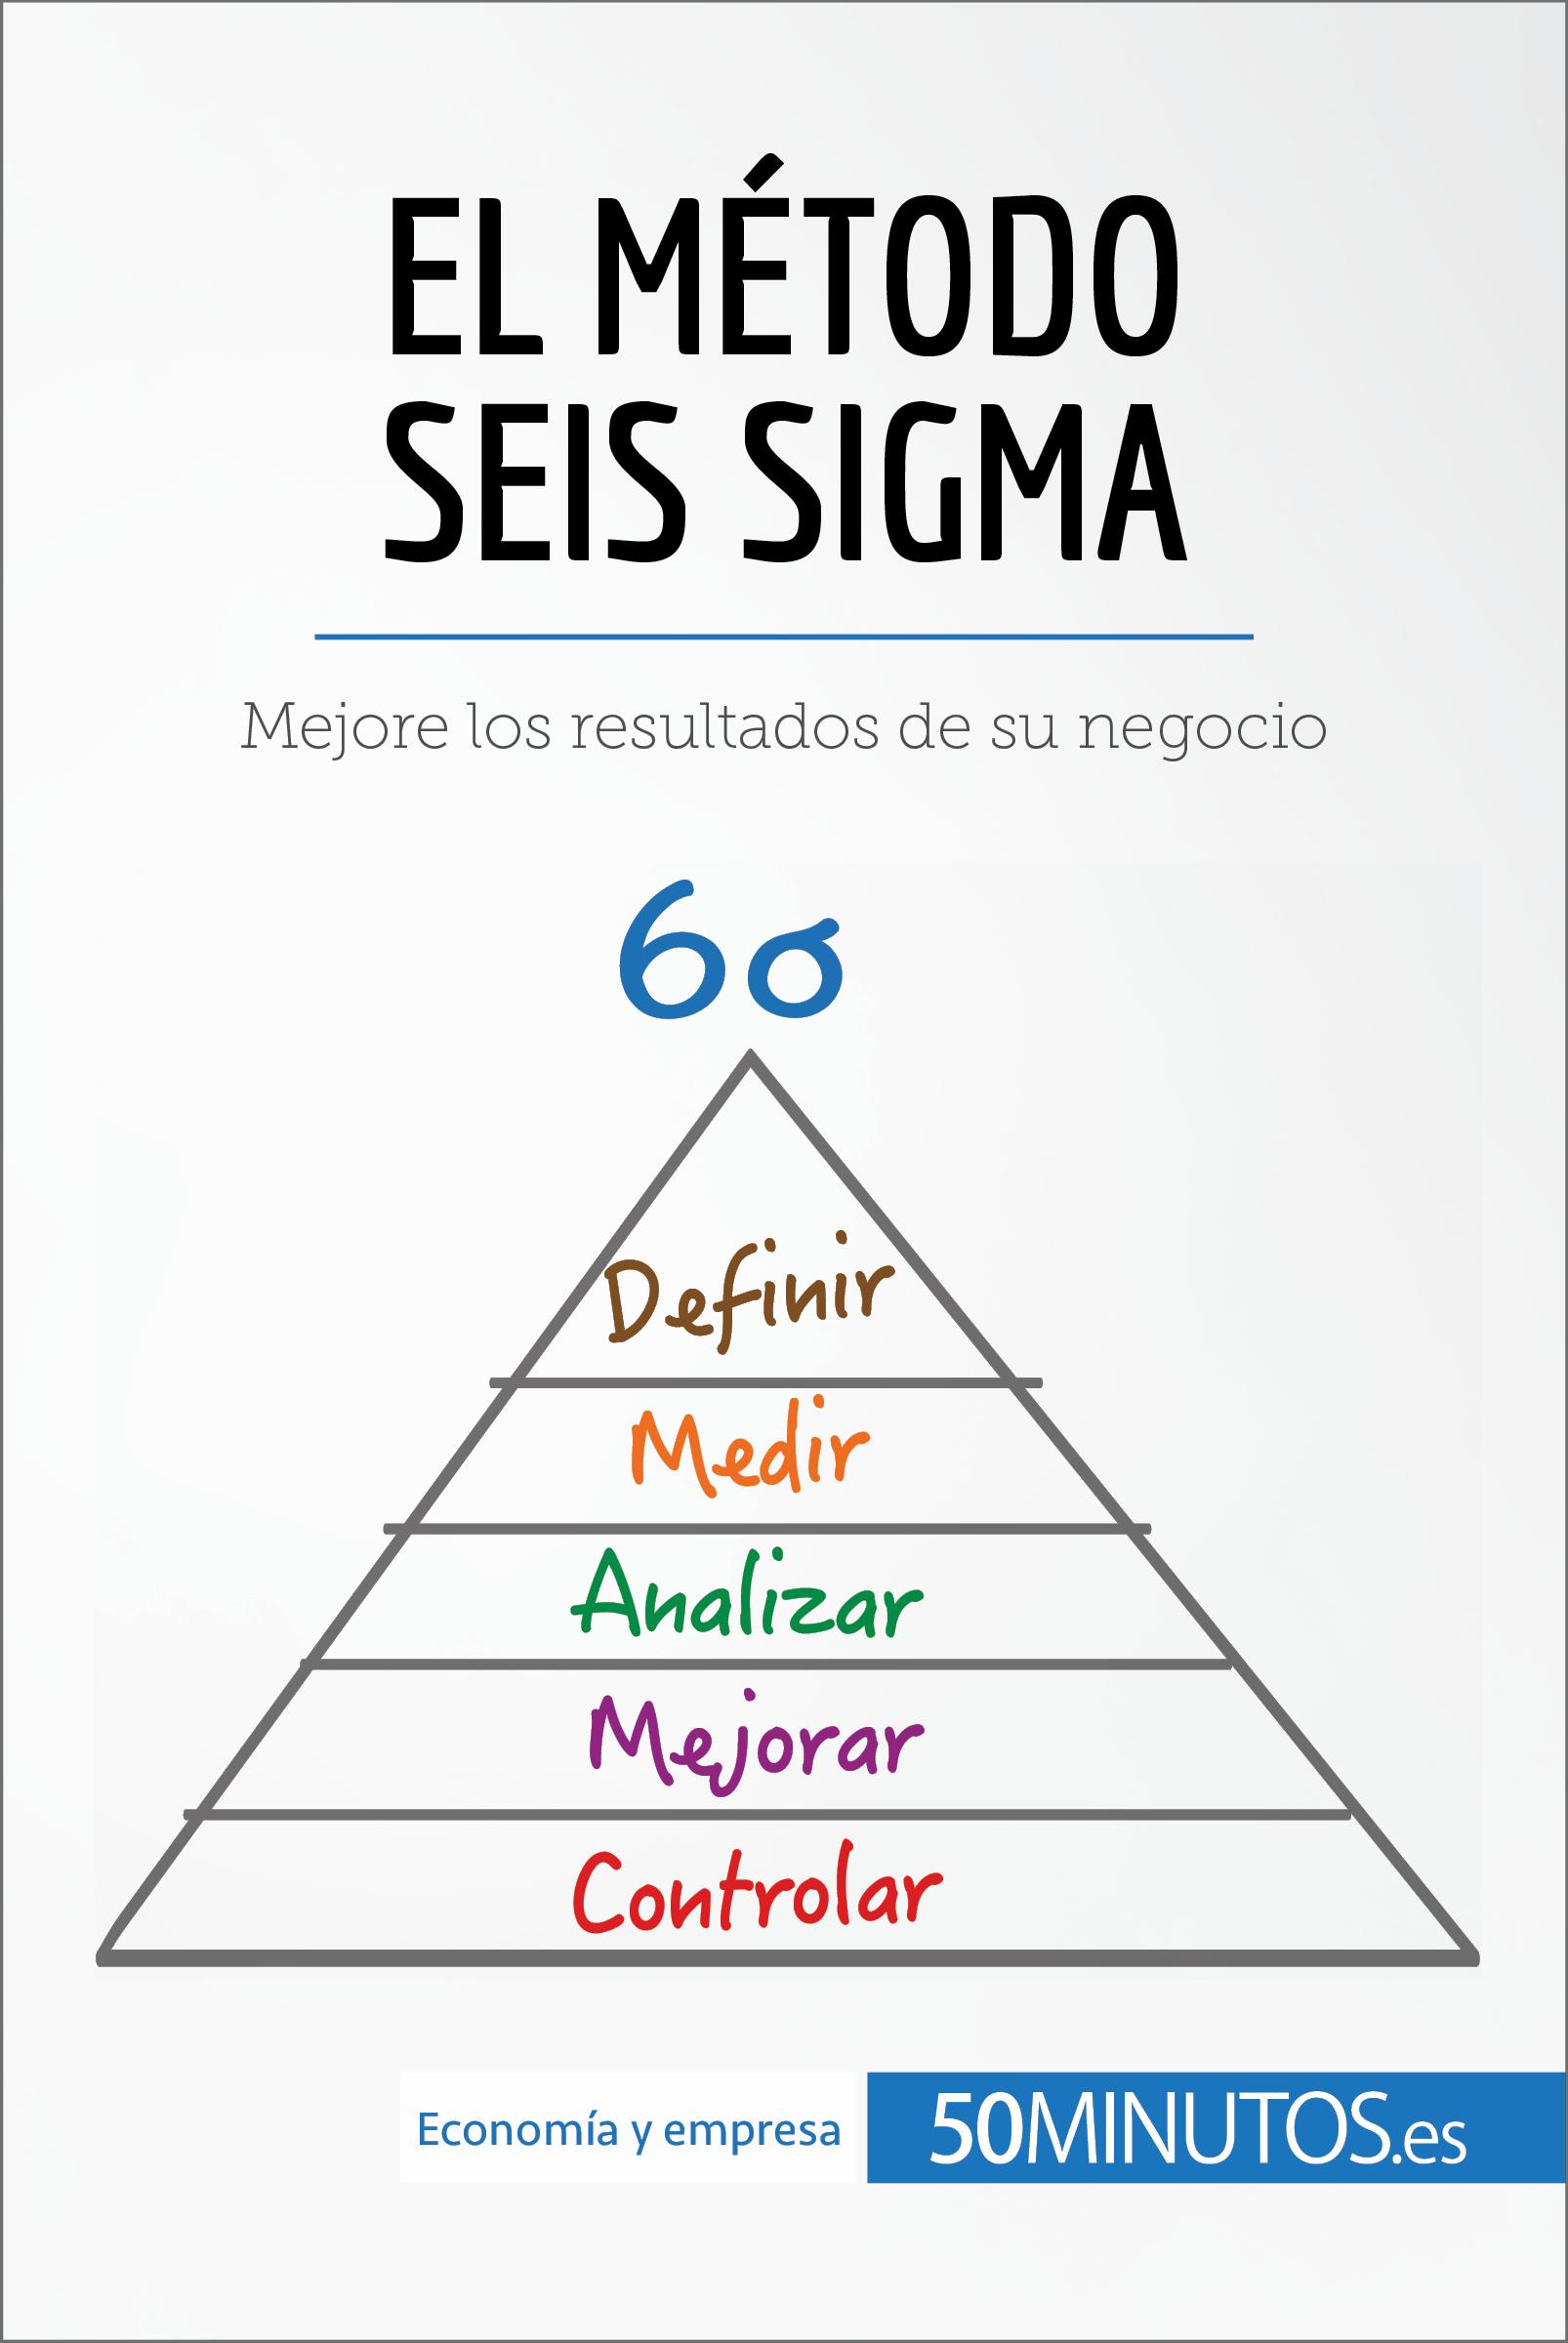 Download Ebook El método Seis Sigma by 50Minutos.es Pdf